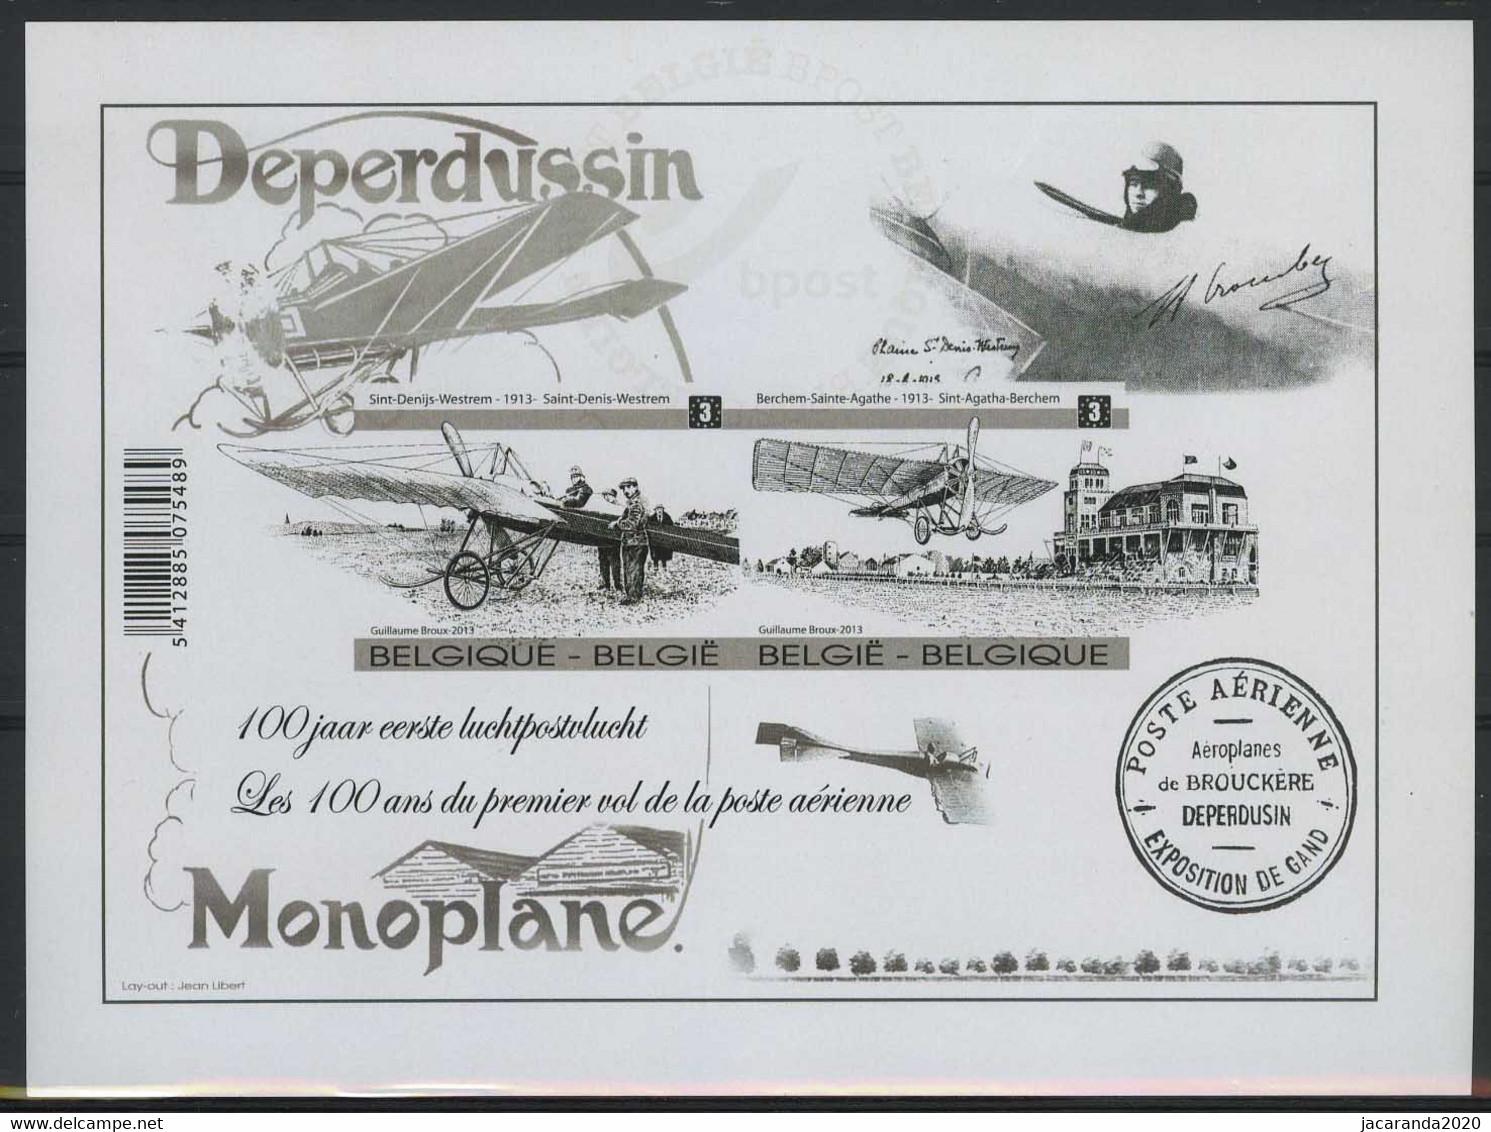 België GCE 2 - 2013 - 100 Jaar 1ste Luchtpostvlucht In België - Deperdussin - Monoplane - (BL207) - Zeldzaam - Rare - Zwarte/witte Blaadjes